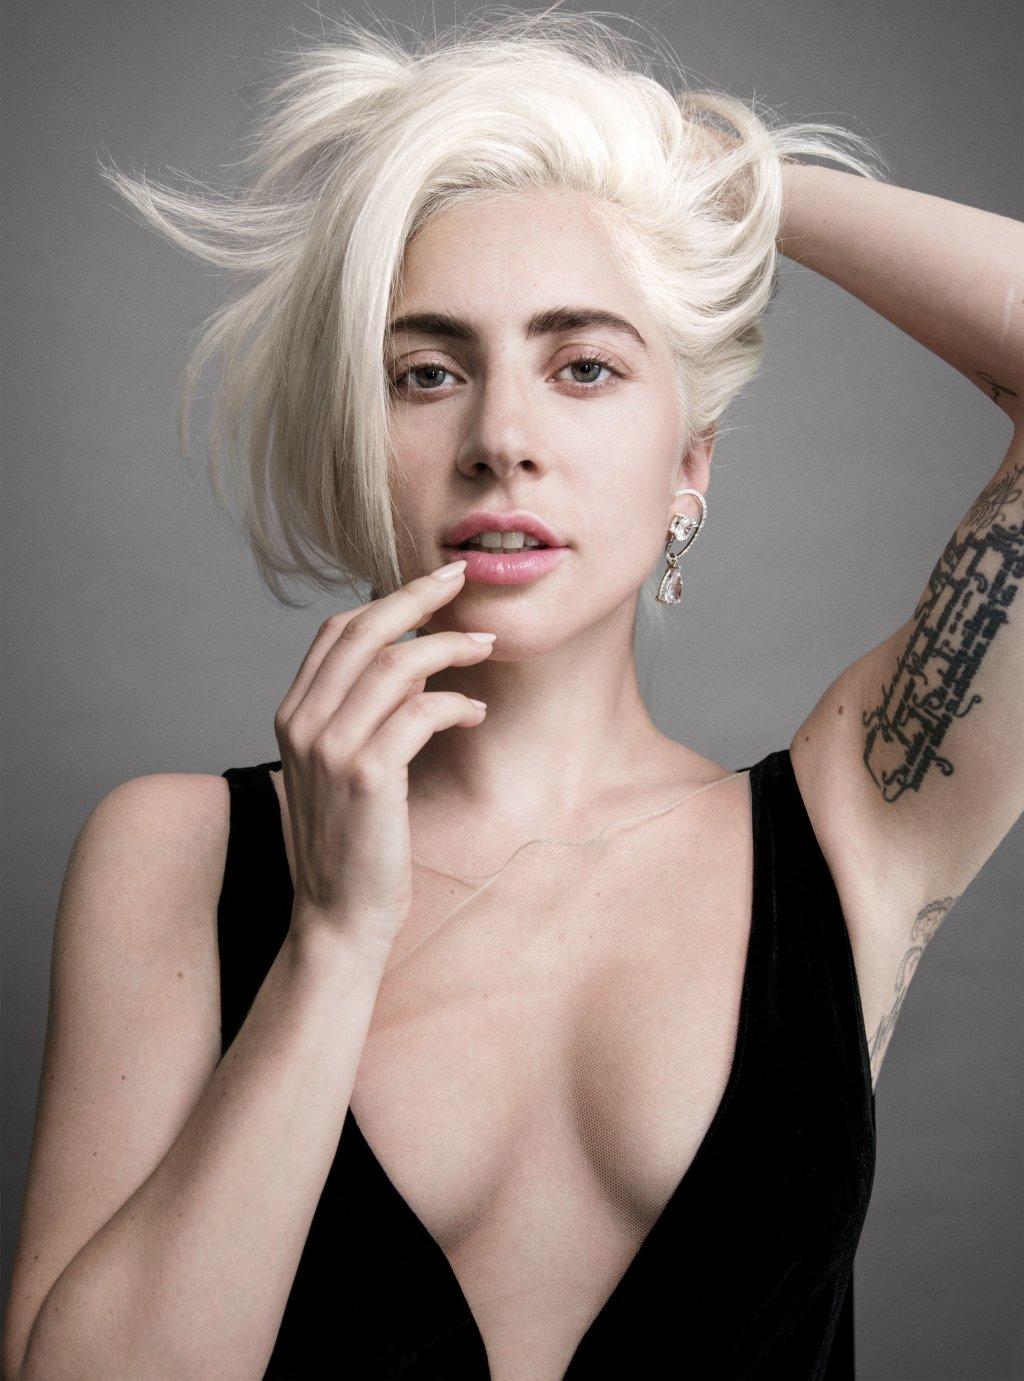 Lady Gaga O Nowym Filmie Narodziny Gwiazdy Akcji Metoo